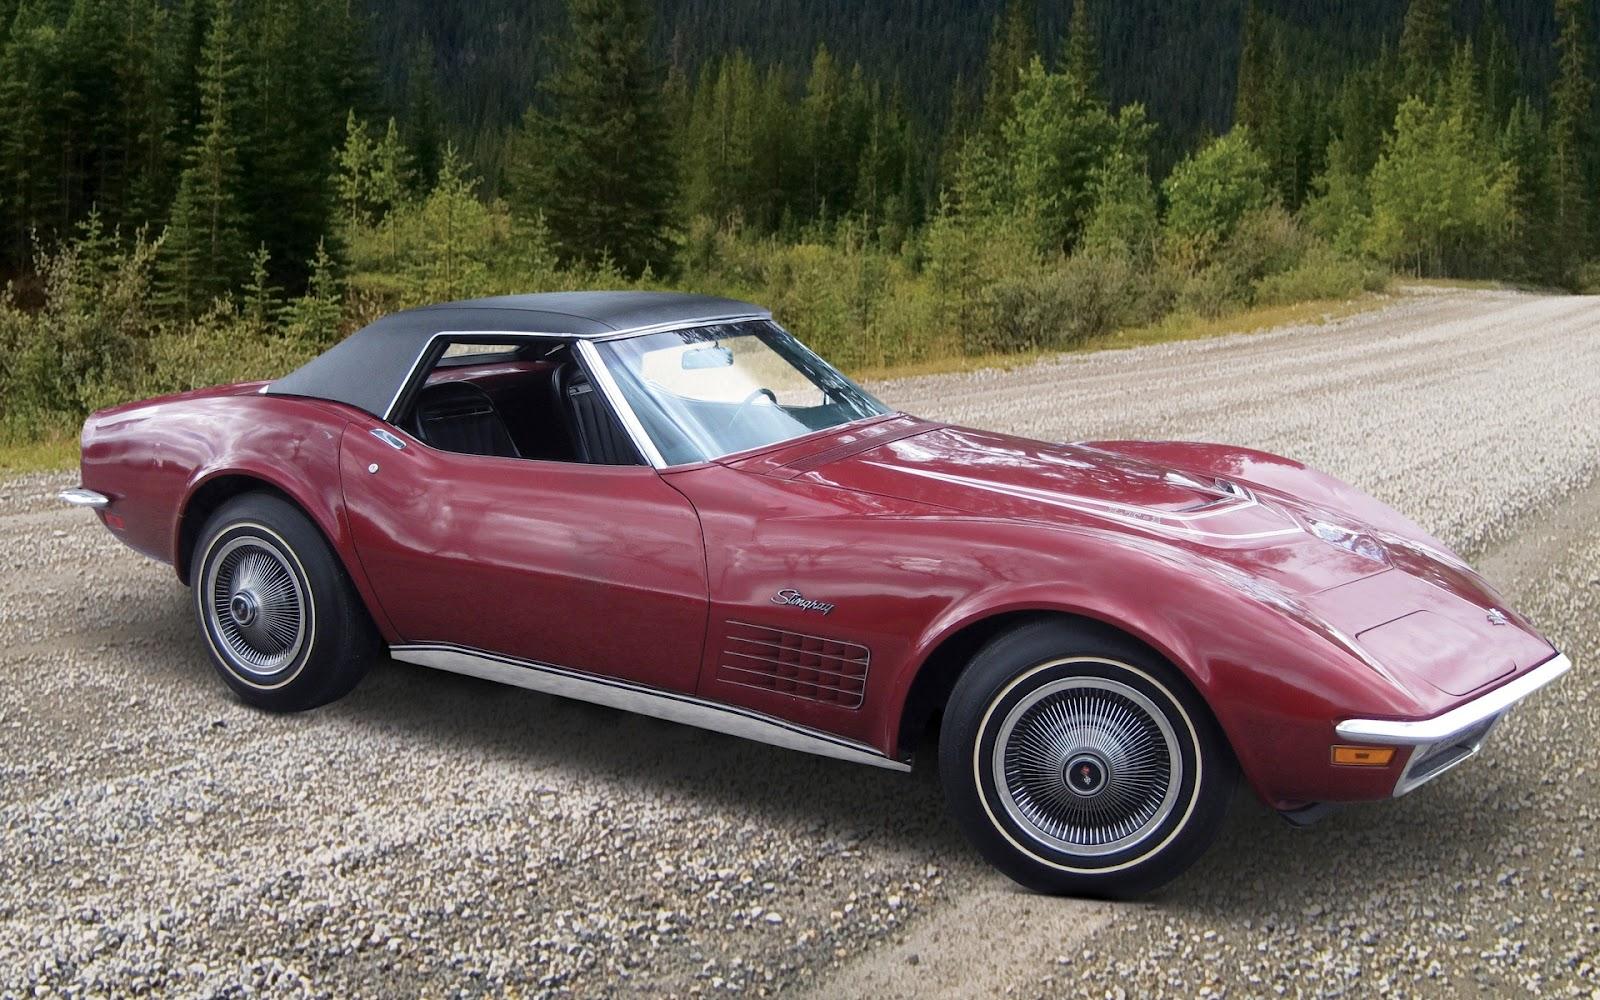 http://2.bp.blogspot.com/-SGY15aZP0sk/T8N_0z7HlyI/AAAAAAAAwqQ/ojuEt6Y3zjg/s1600/Corvette+350+LT1+1970.jpg